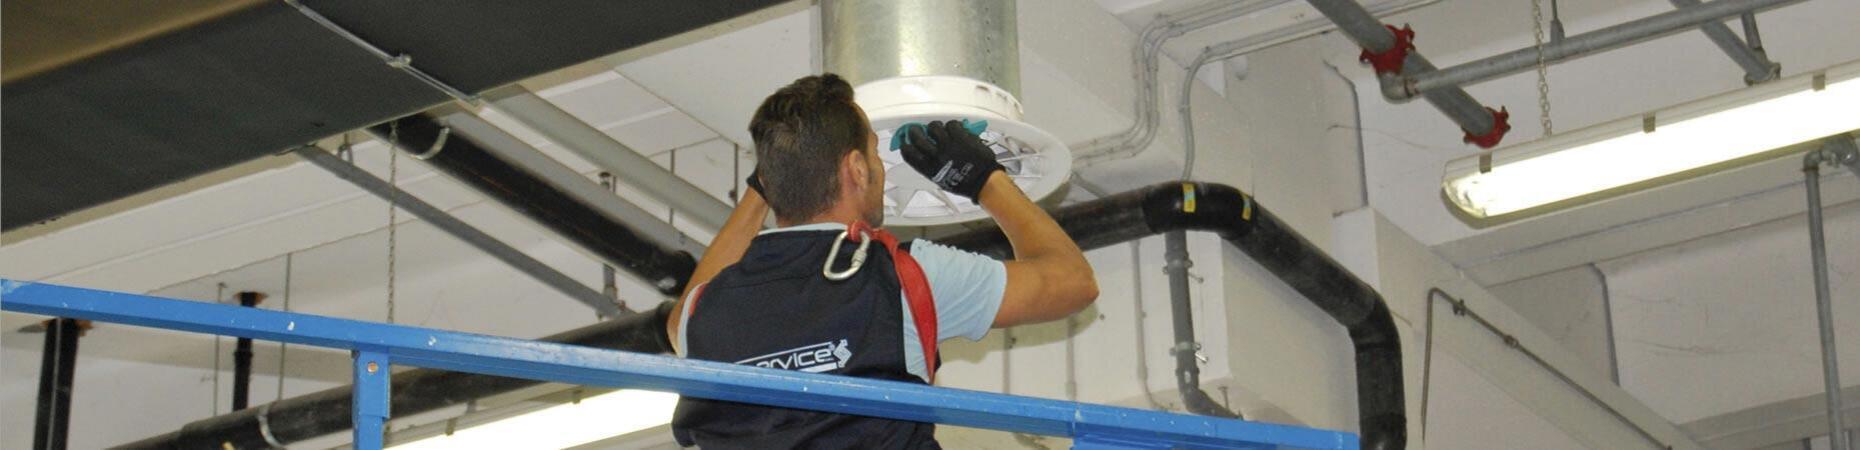 ecoservice-pesaro it pulizia-e-sanificazione-condotti-aria-pesaro 005